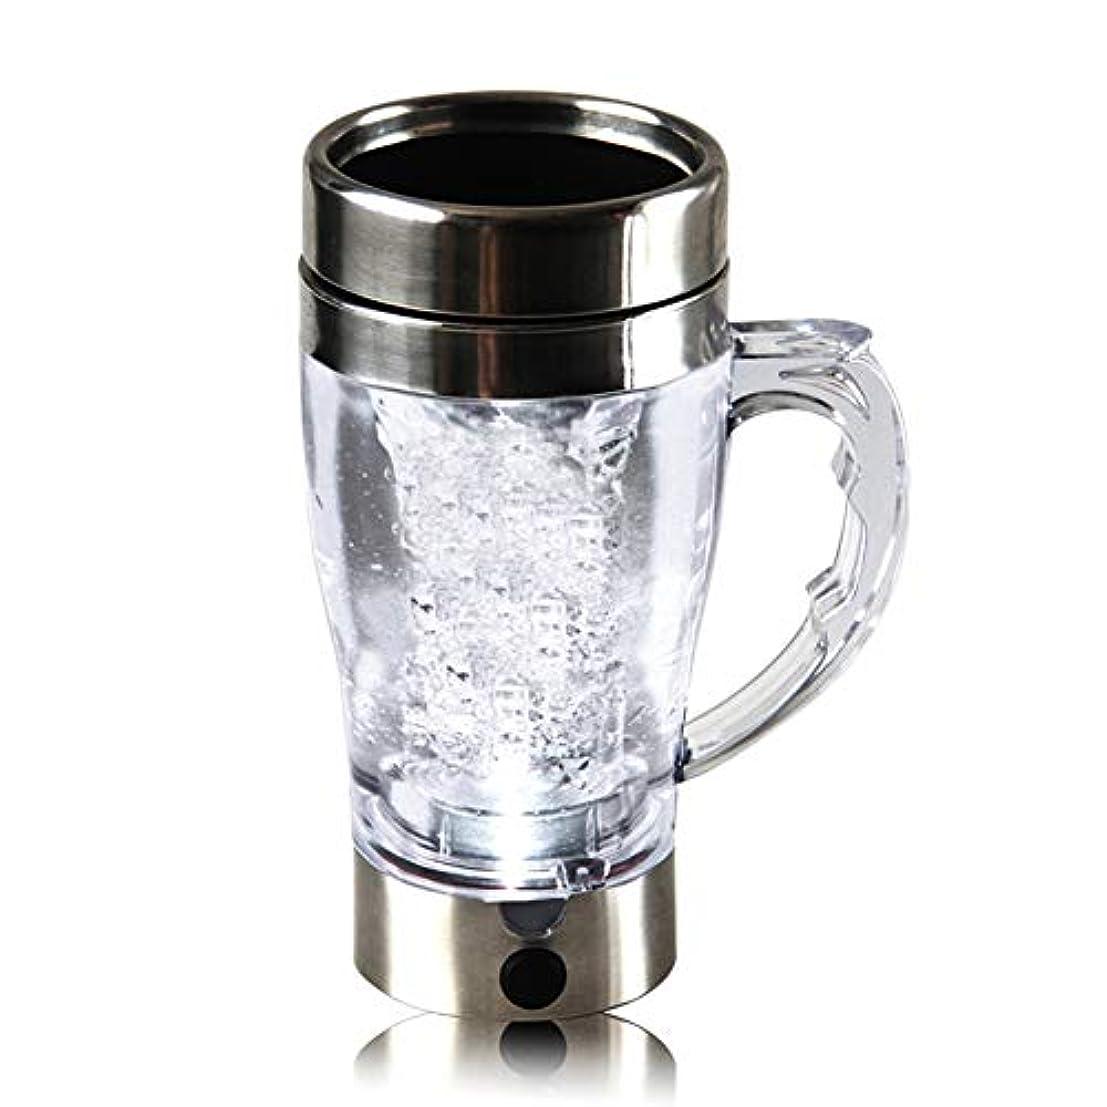 注意神気まぐれなSweetiChic 電動プロテインシェーカー充電可能な統合プロテイン貯蔵容器自動混合コーヒーカップ